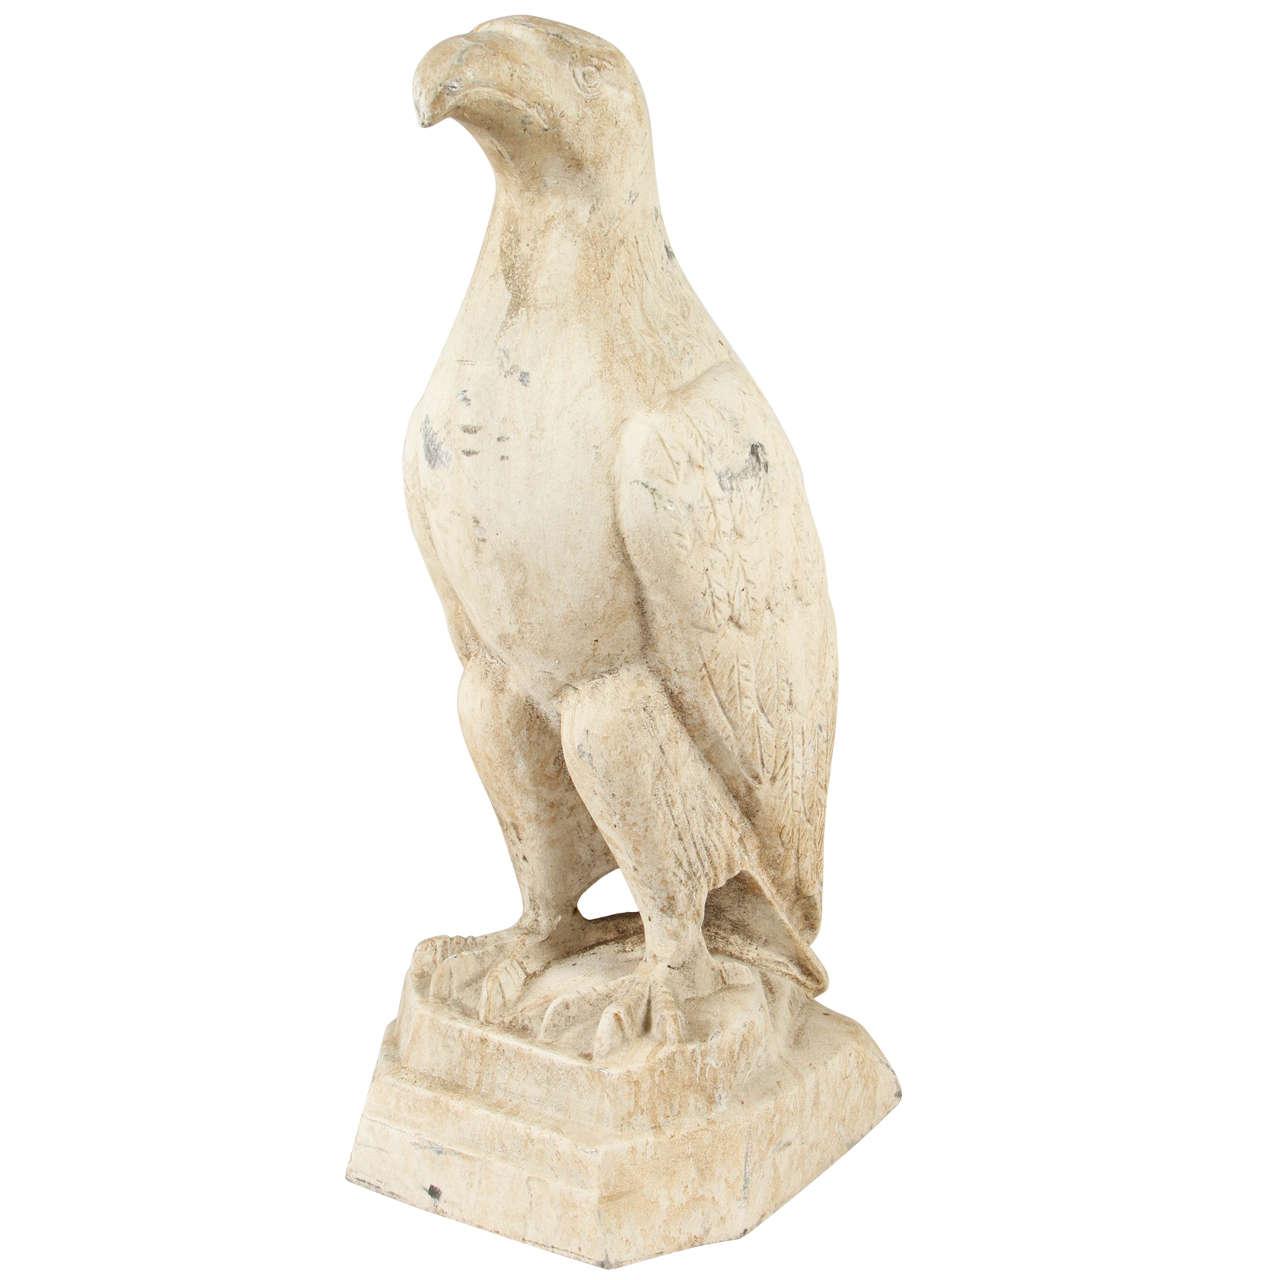 Garden Statue of an Eagle